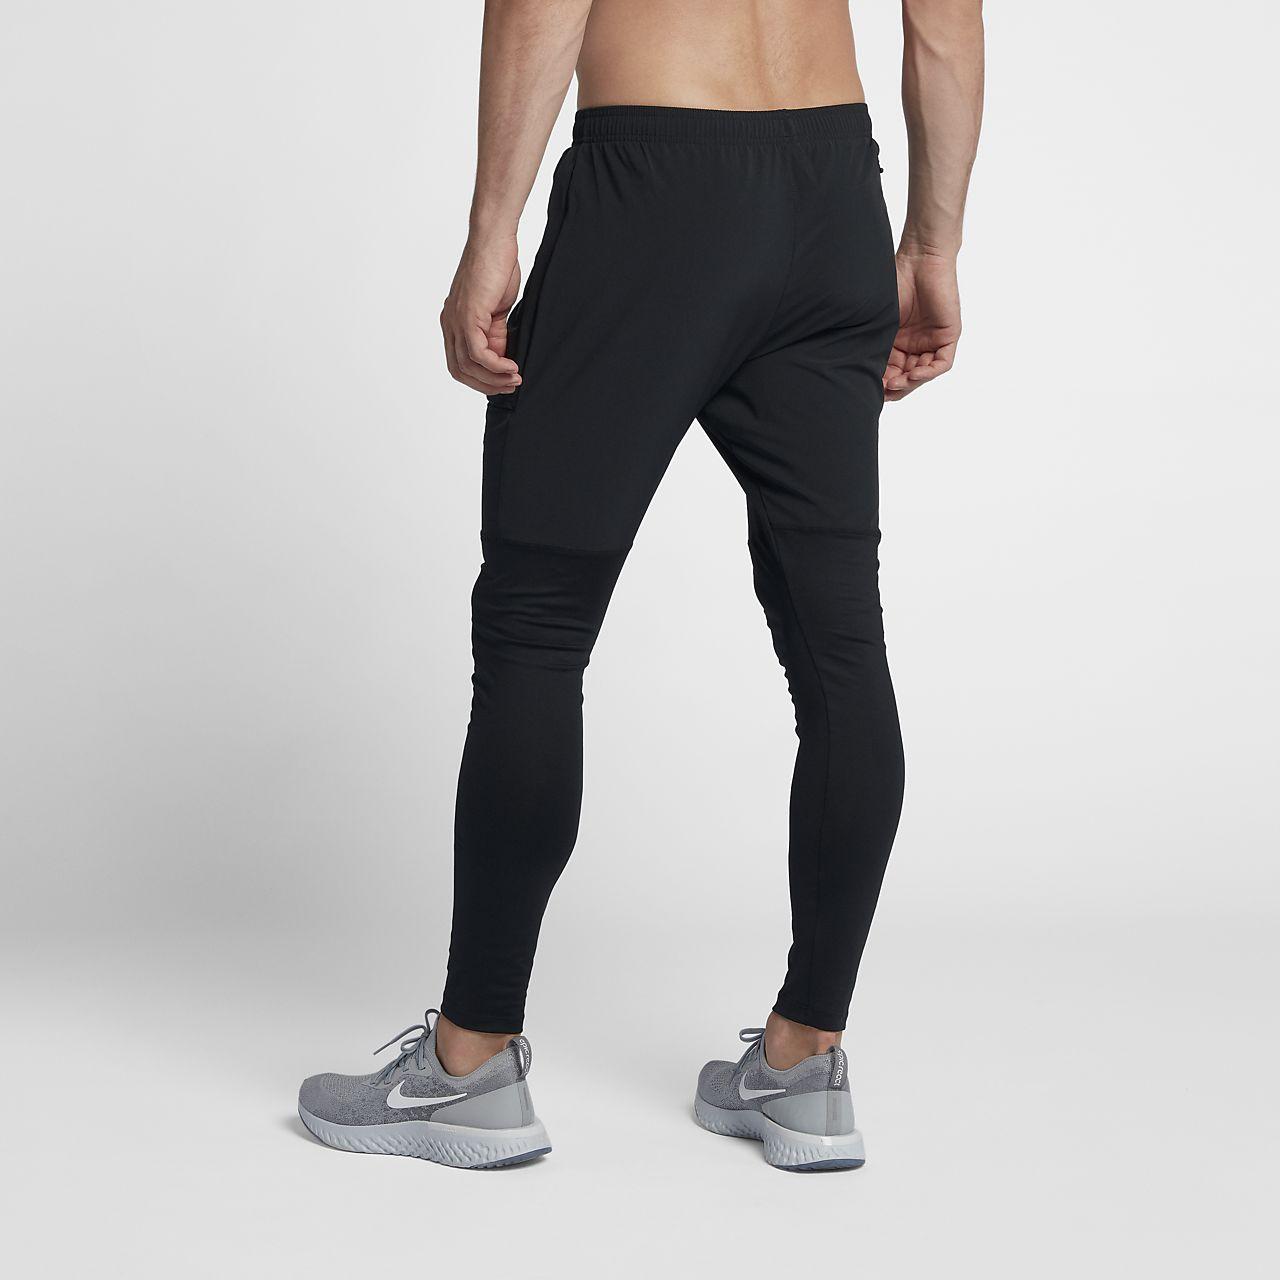 7f46942de114f Pantalon de running Nike Essential pour Homme. Nike.com FR